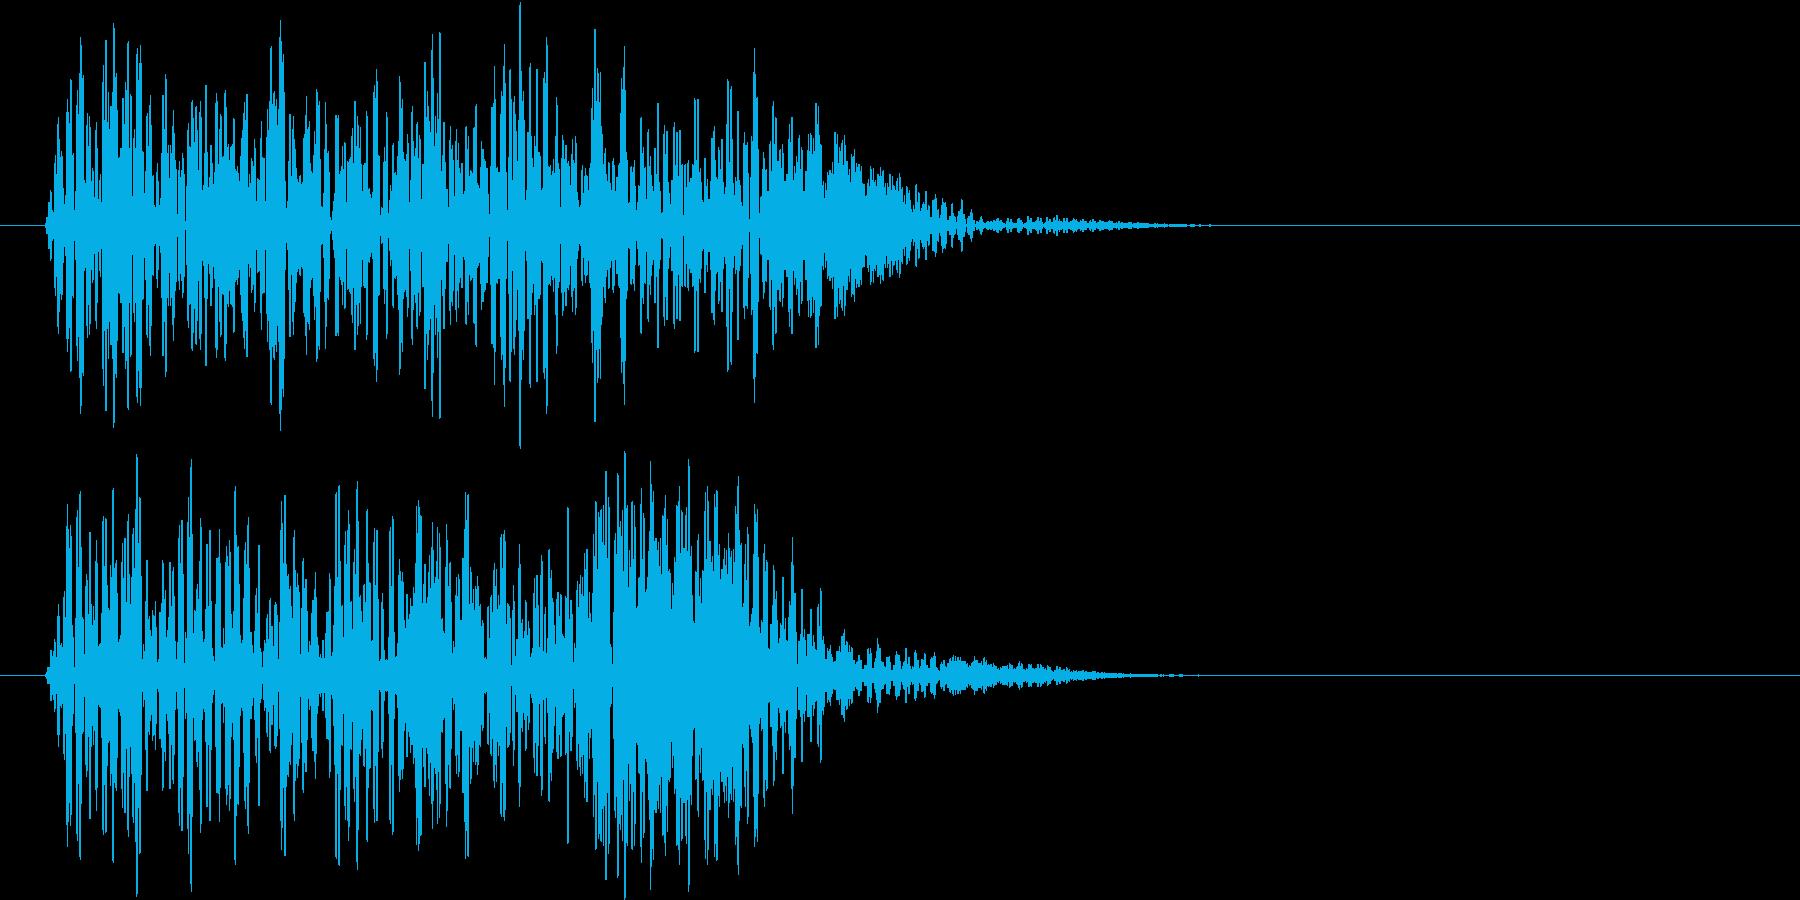 ボォオオオオ〜(衝撃波)の再生済みの波形